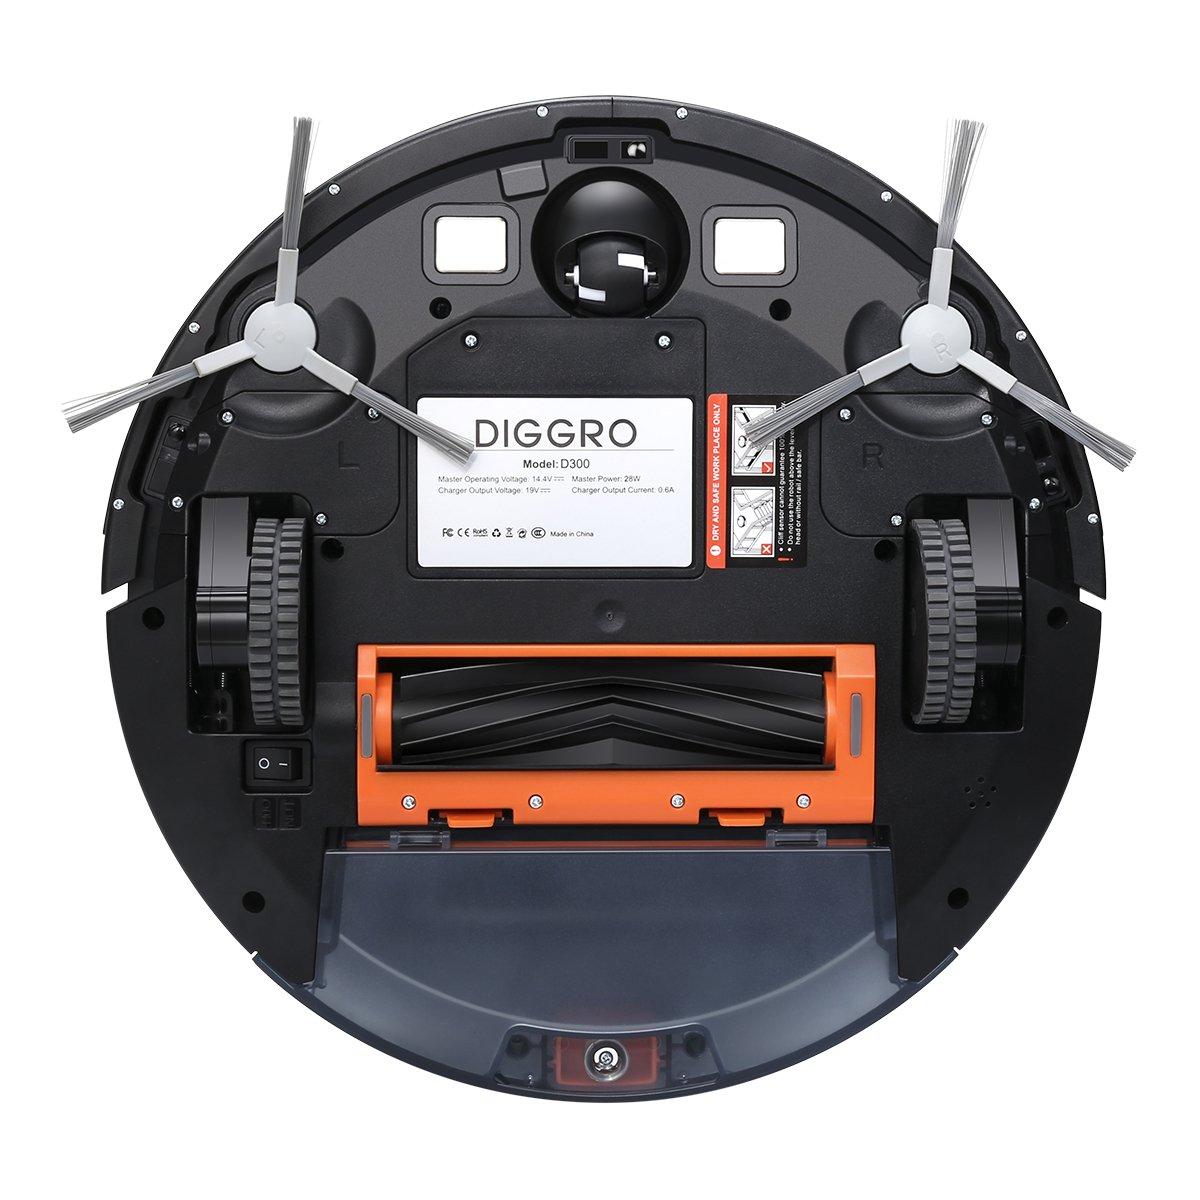 diggro D300 - Robot aspirador con 4 Lavado (7.2 cm 1400 PA succión filtro HEPA especialmente para animales pelo para alérgicos 500 ml basura Buzón 300 ml ...